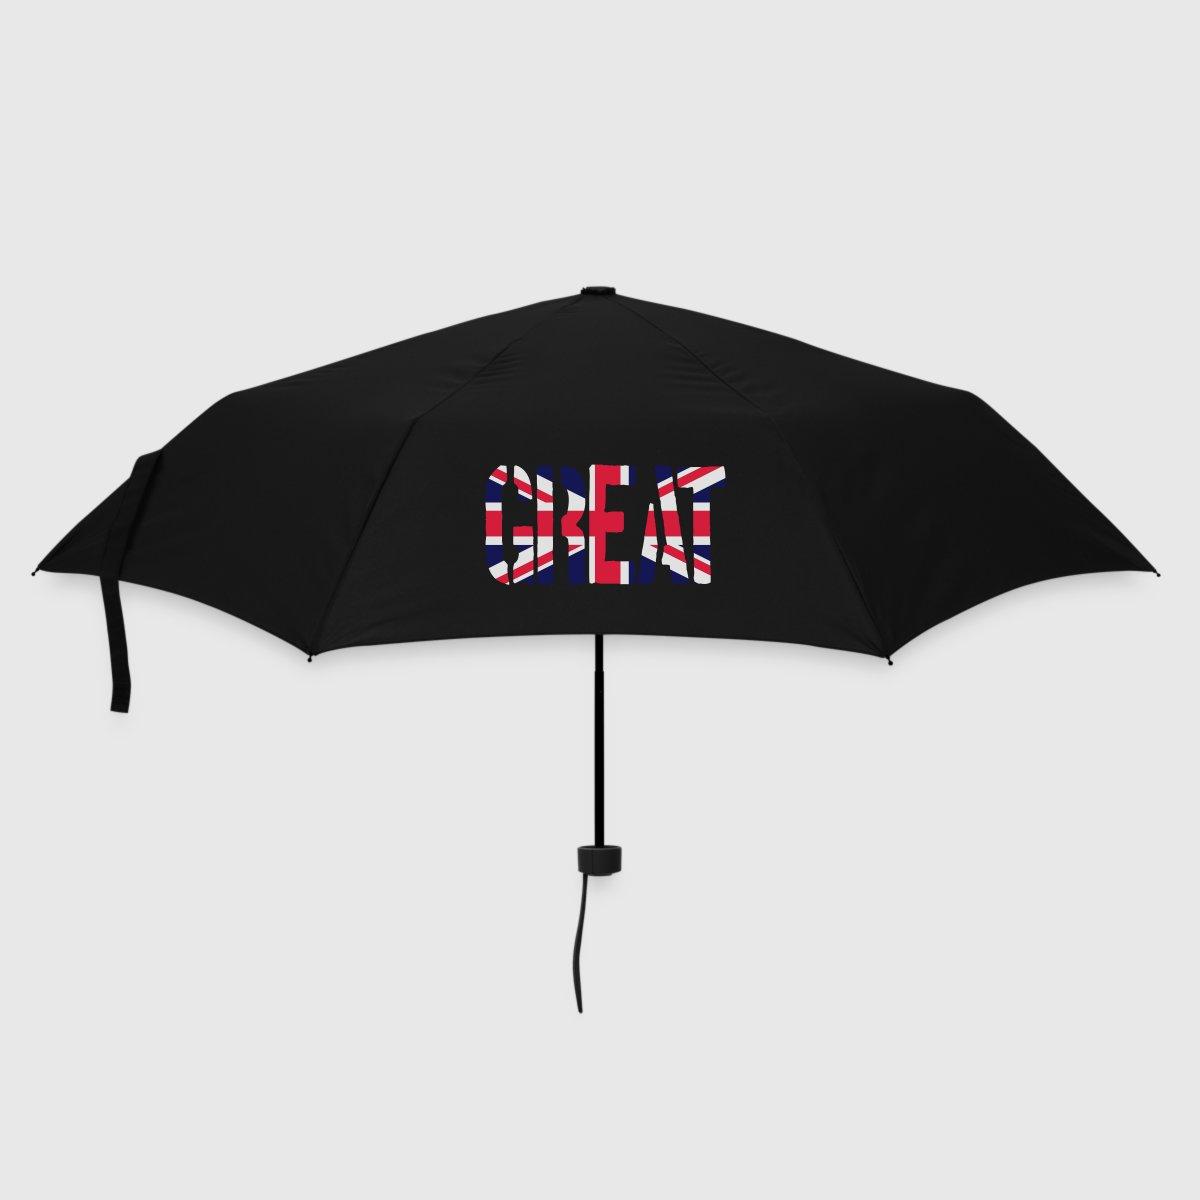 great britain flag british flag union jack uk flag umbrella